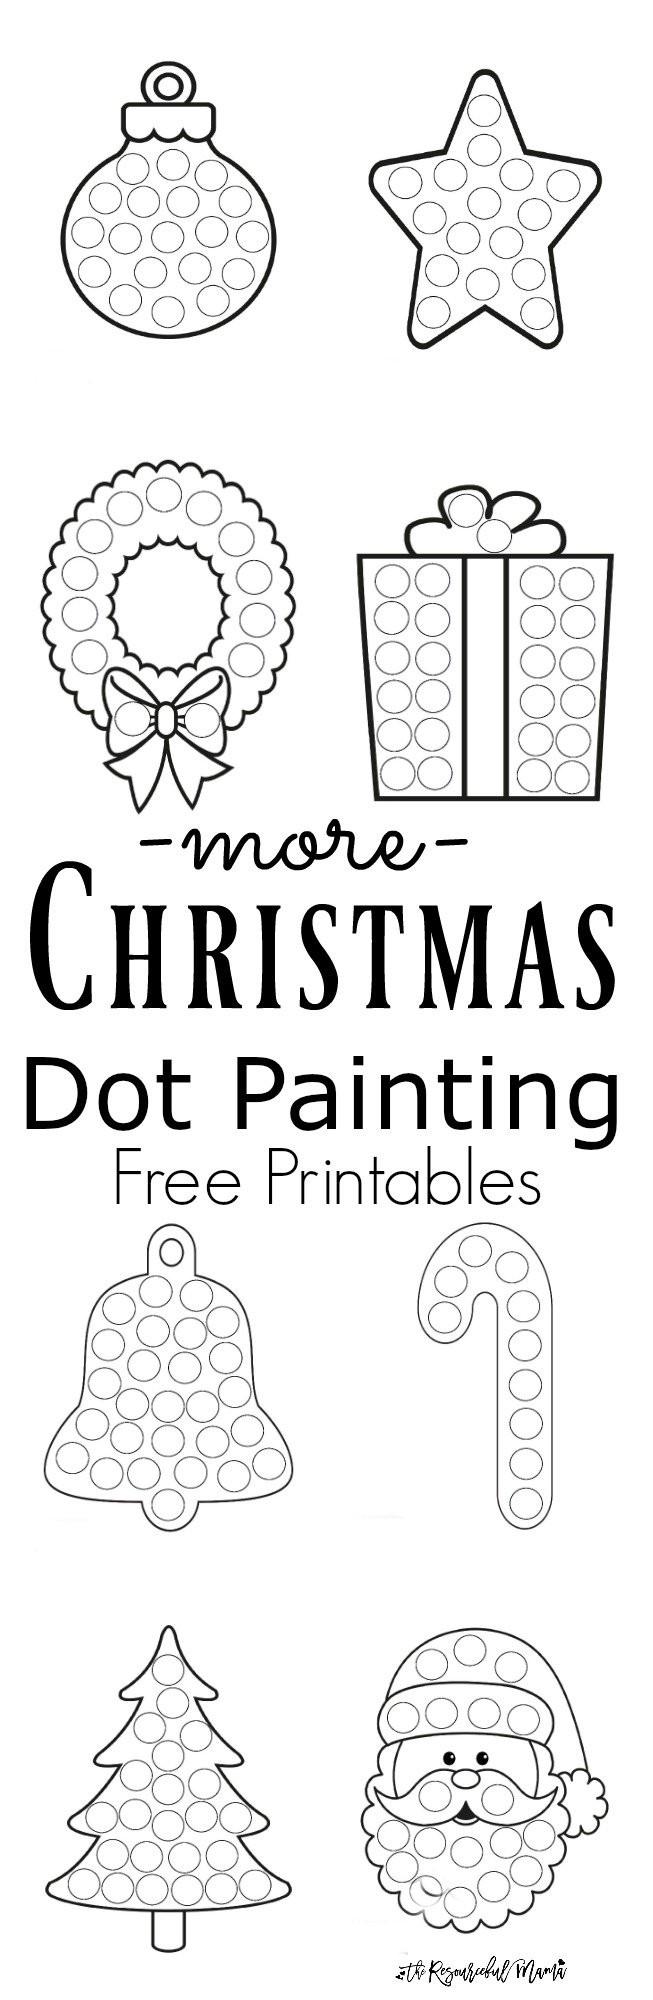 Christmas Dot to Dot Printables More Christmas Dot Painting Free Printables the